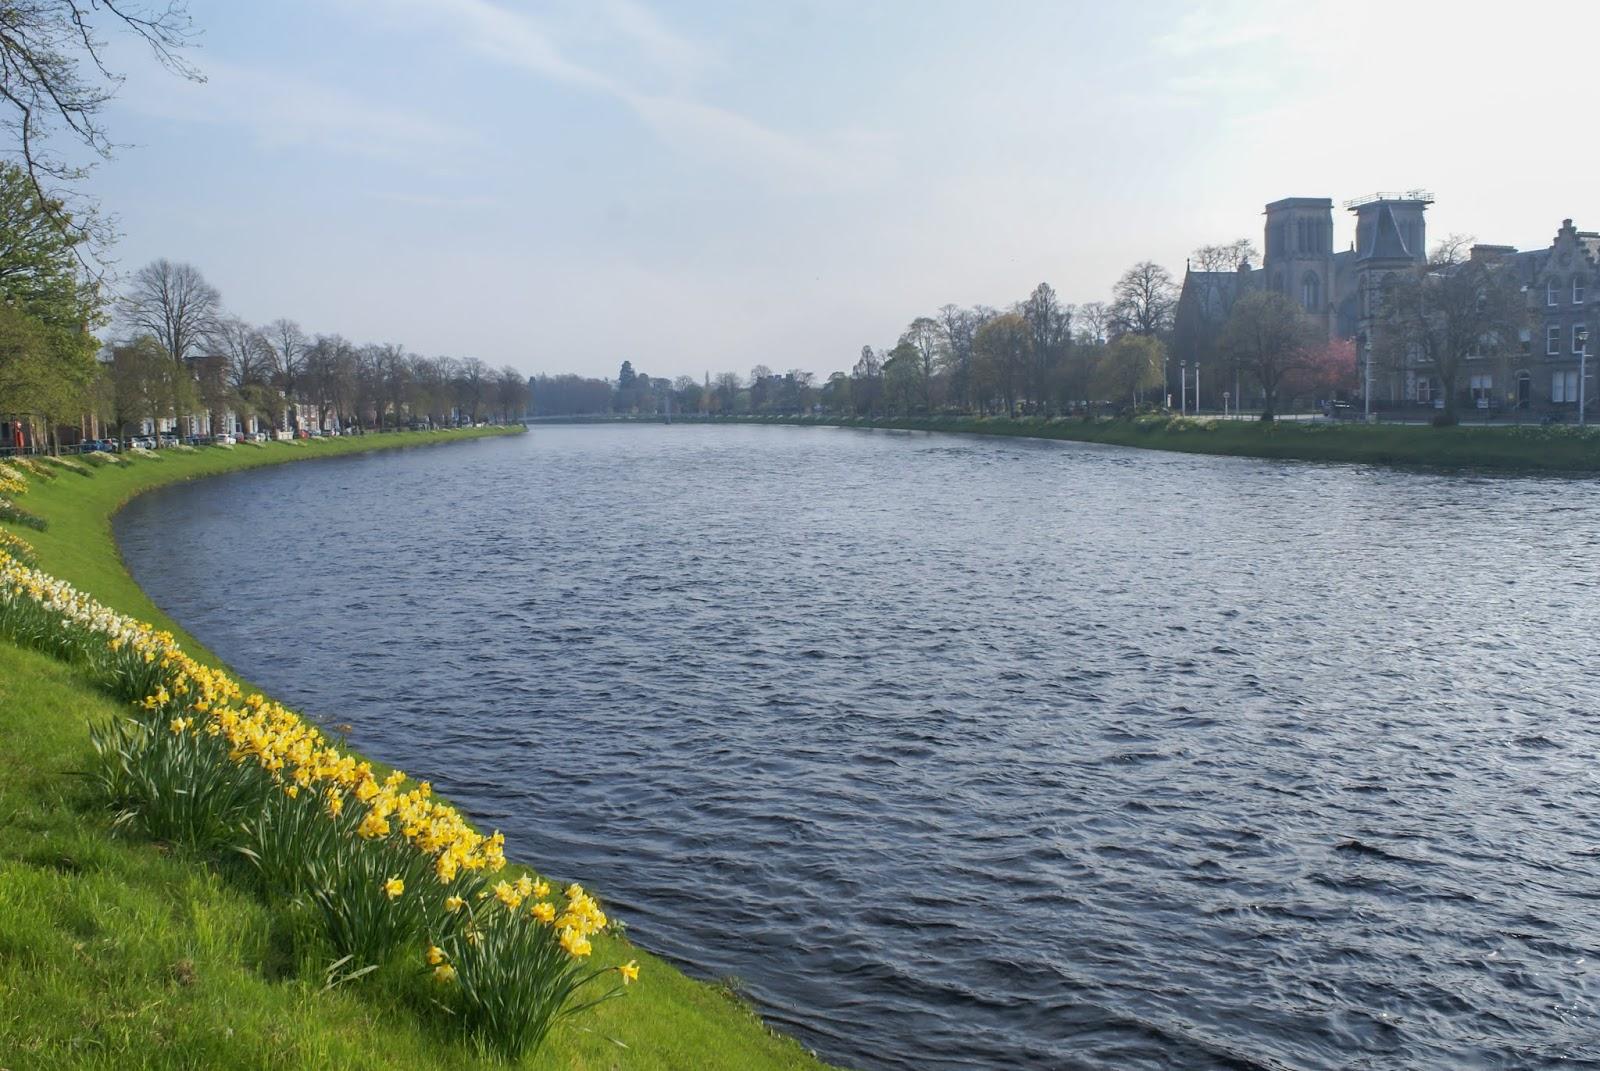 inverness scotland ness river